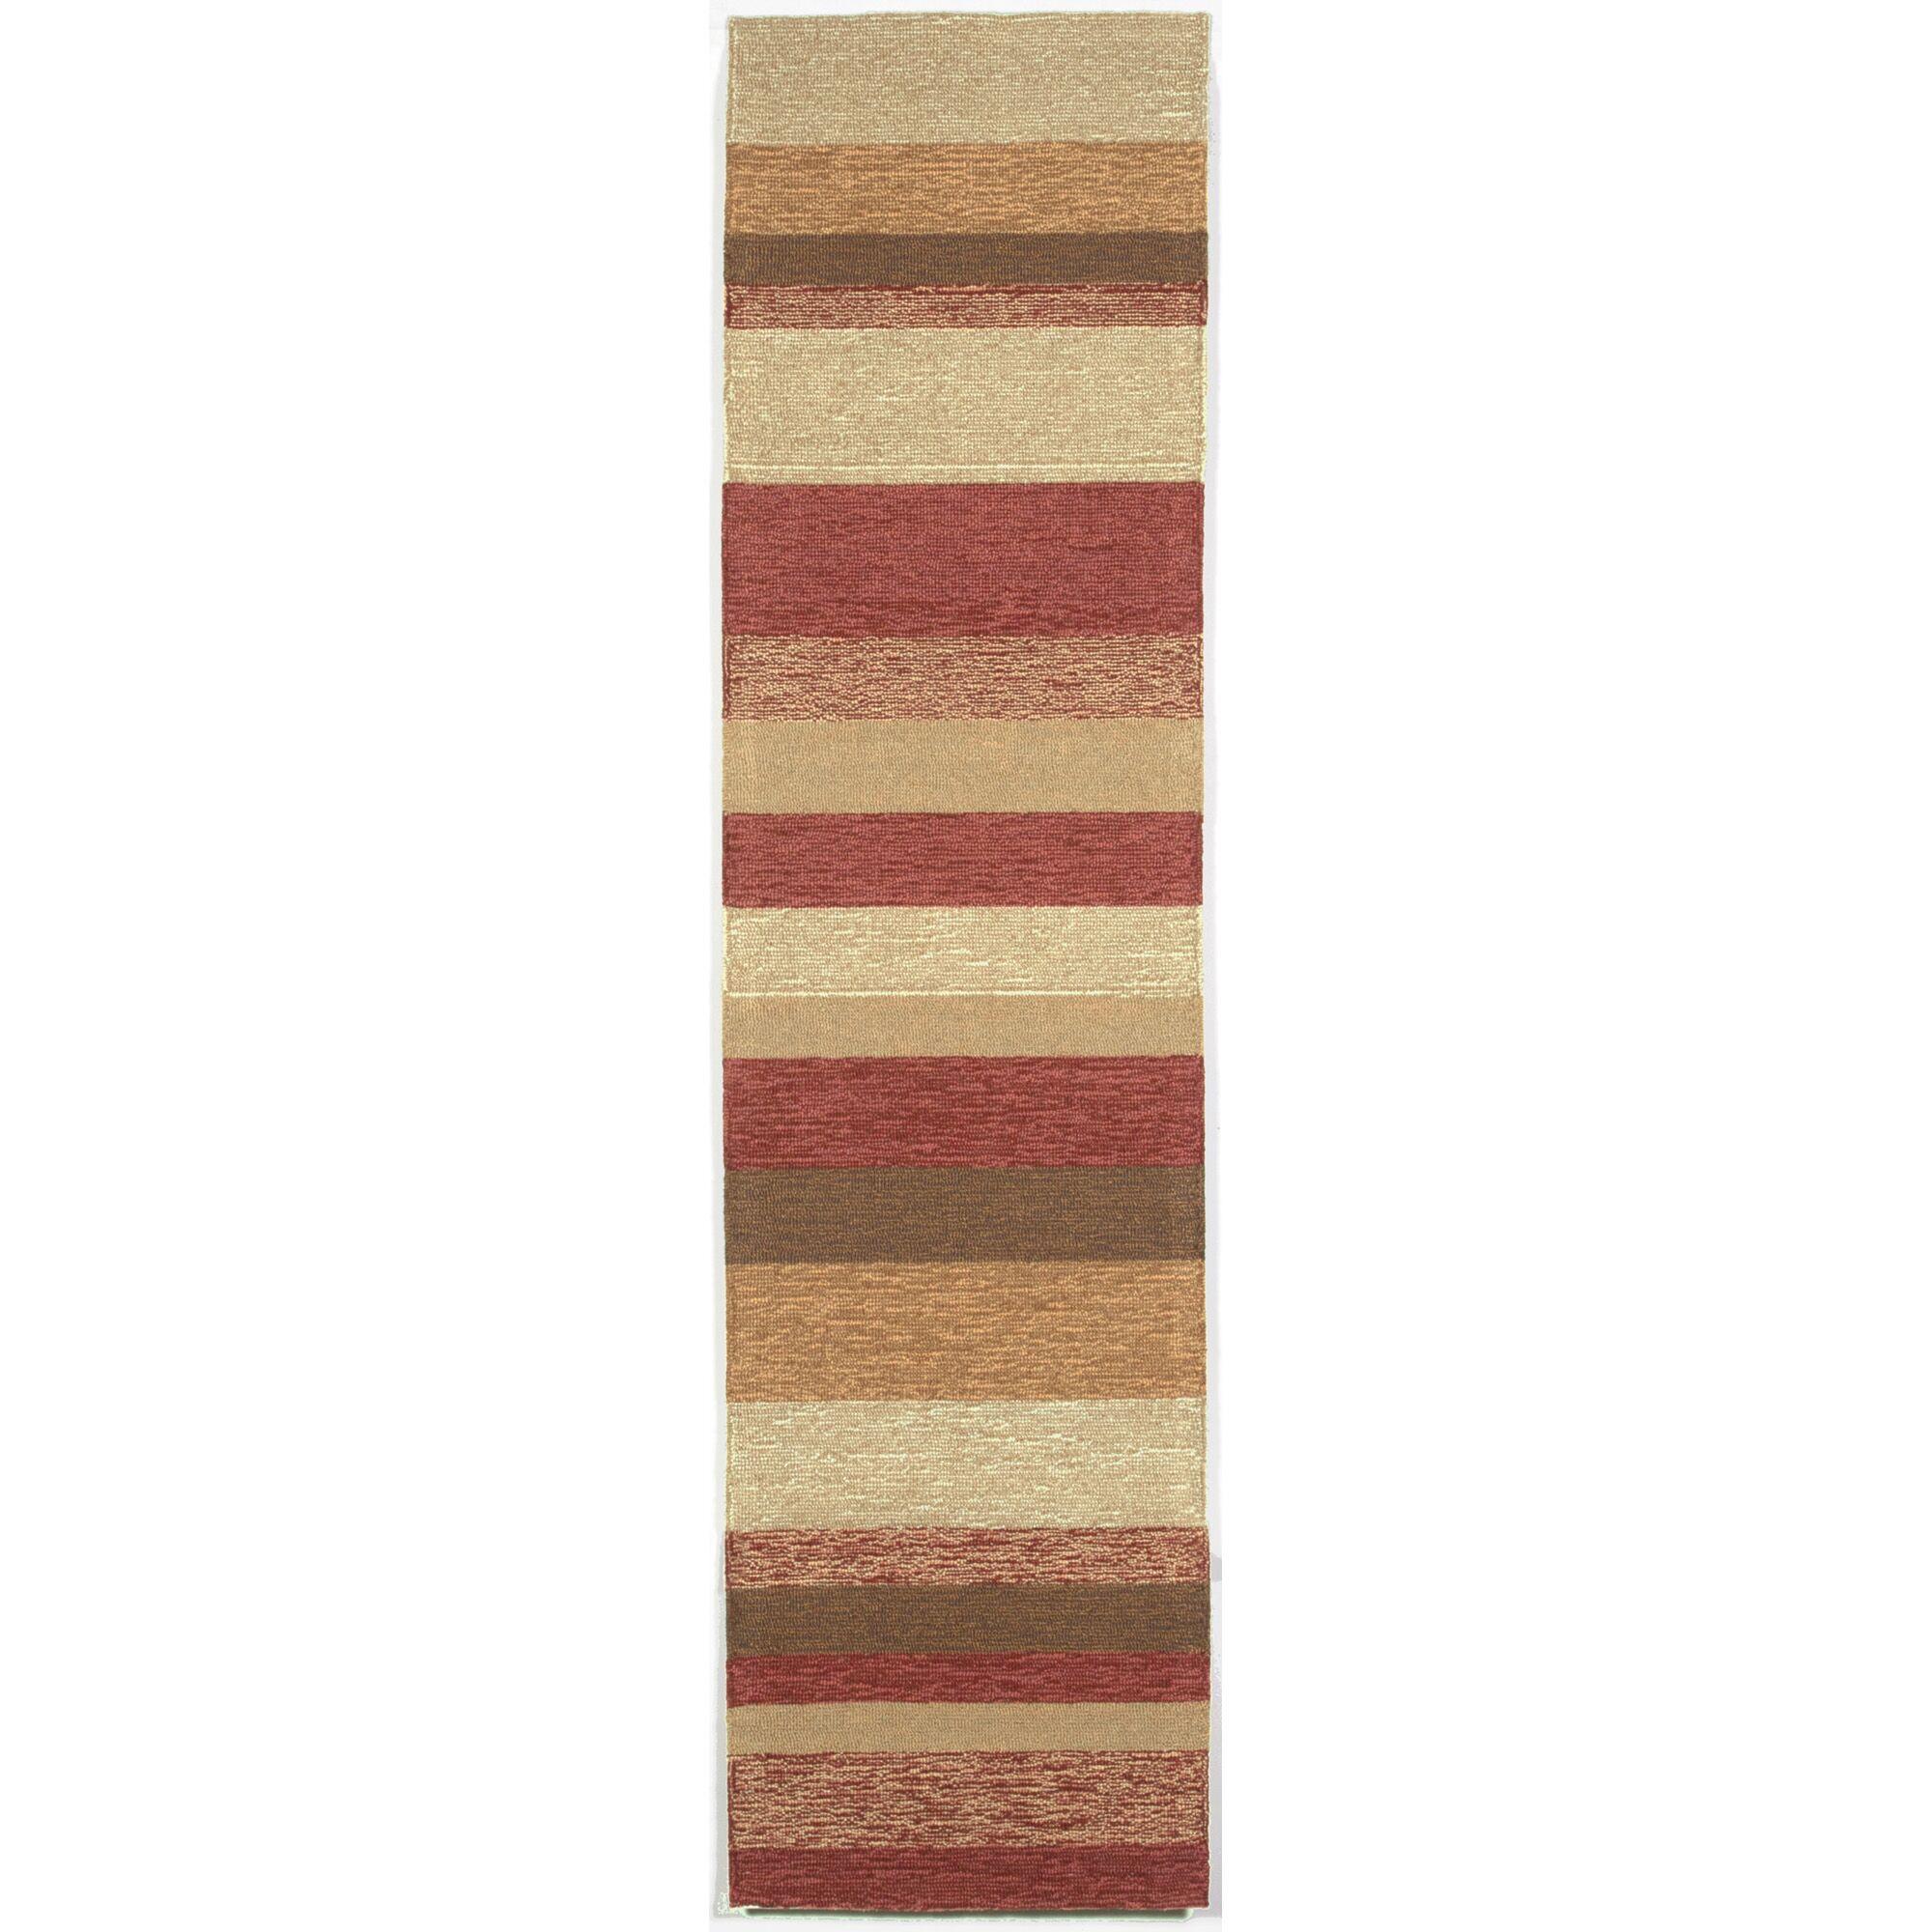 Derby Red Stripe Outdoor Rug Rug Size: Runner 2' x 8'